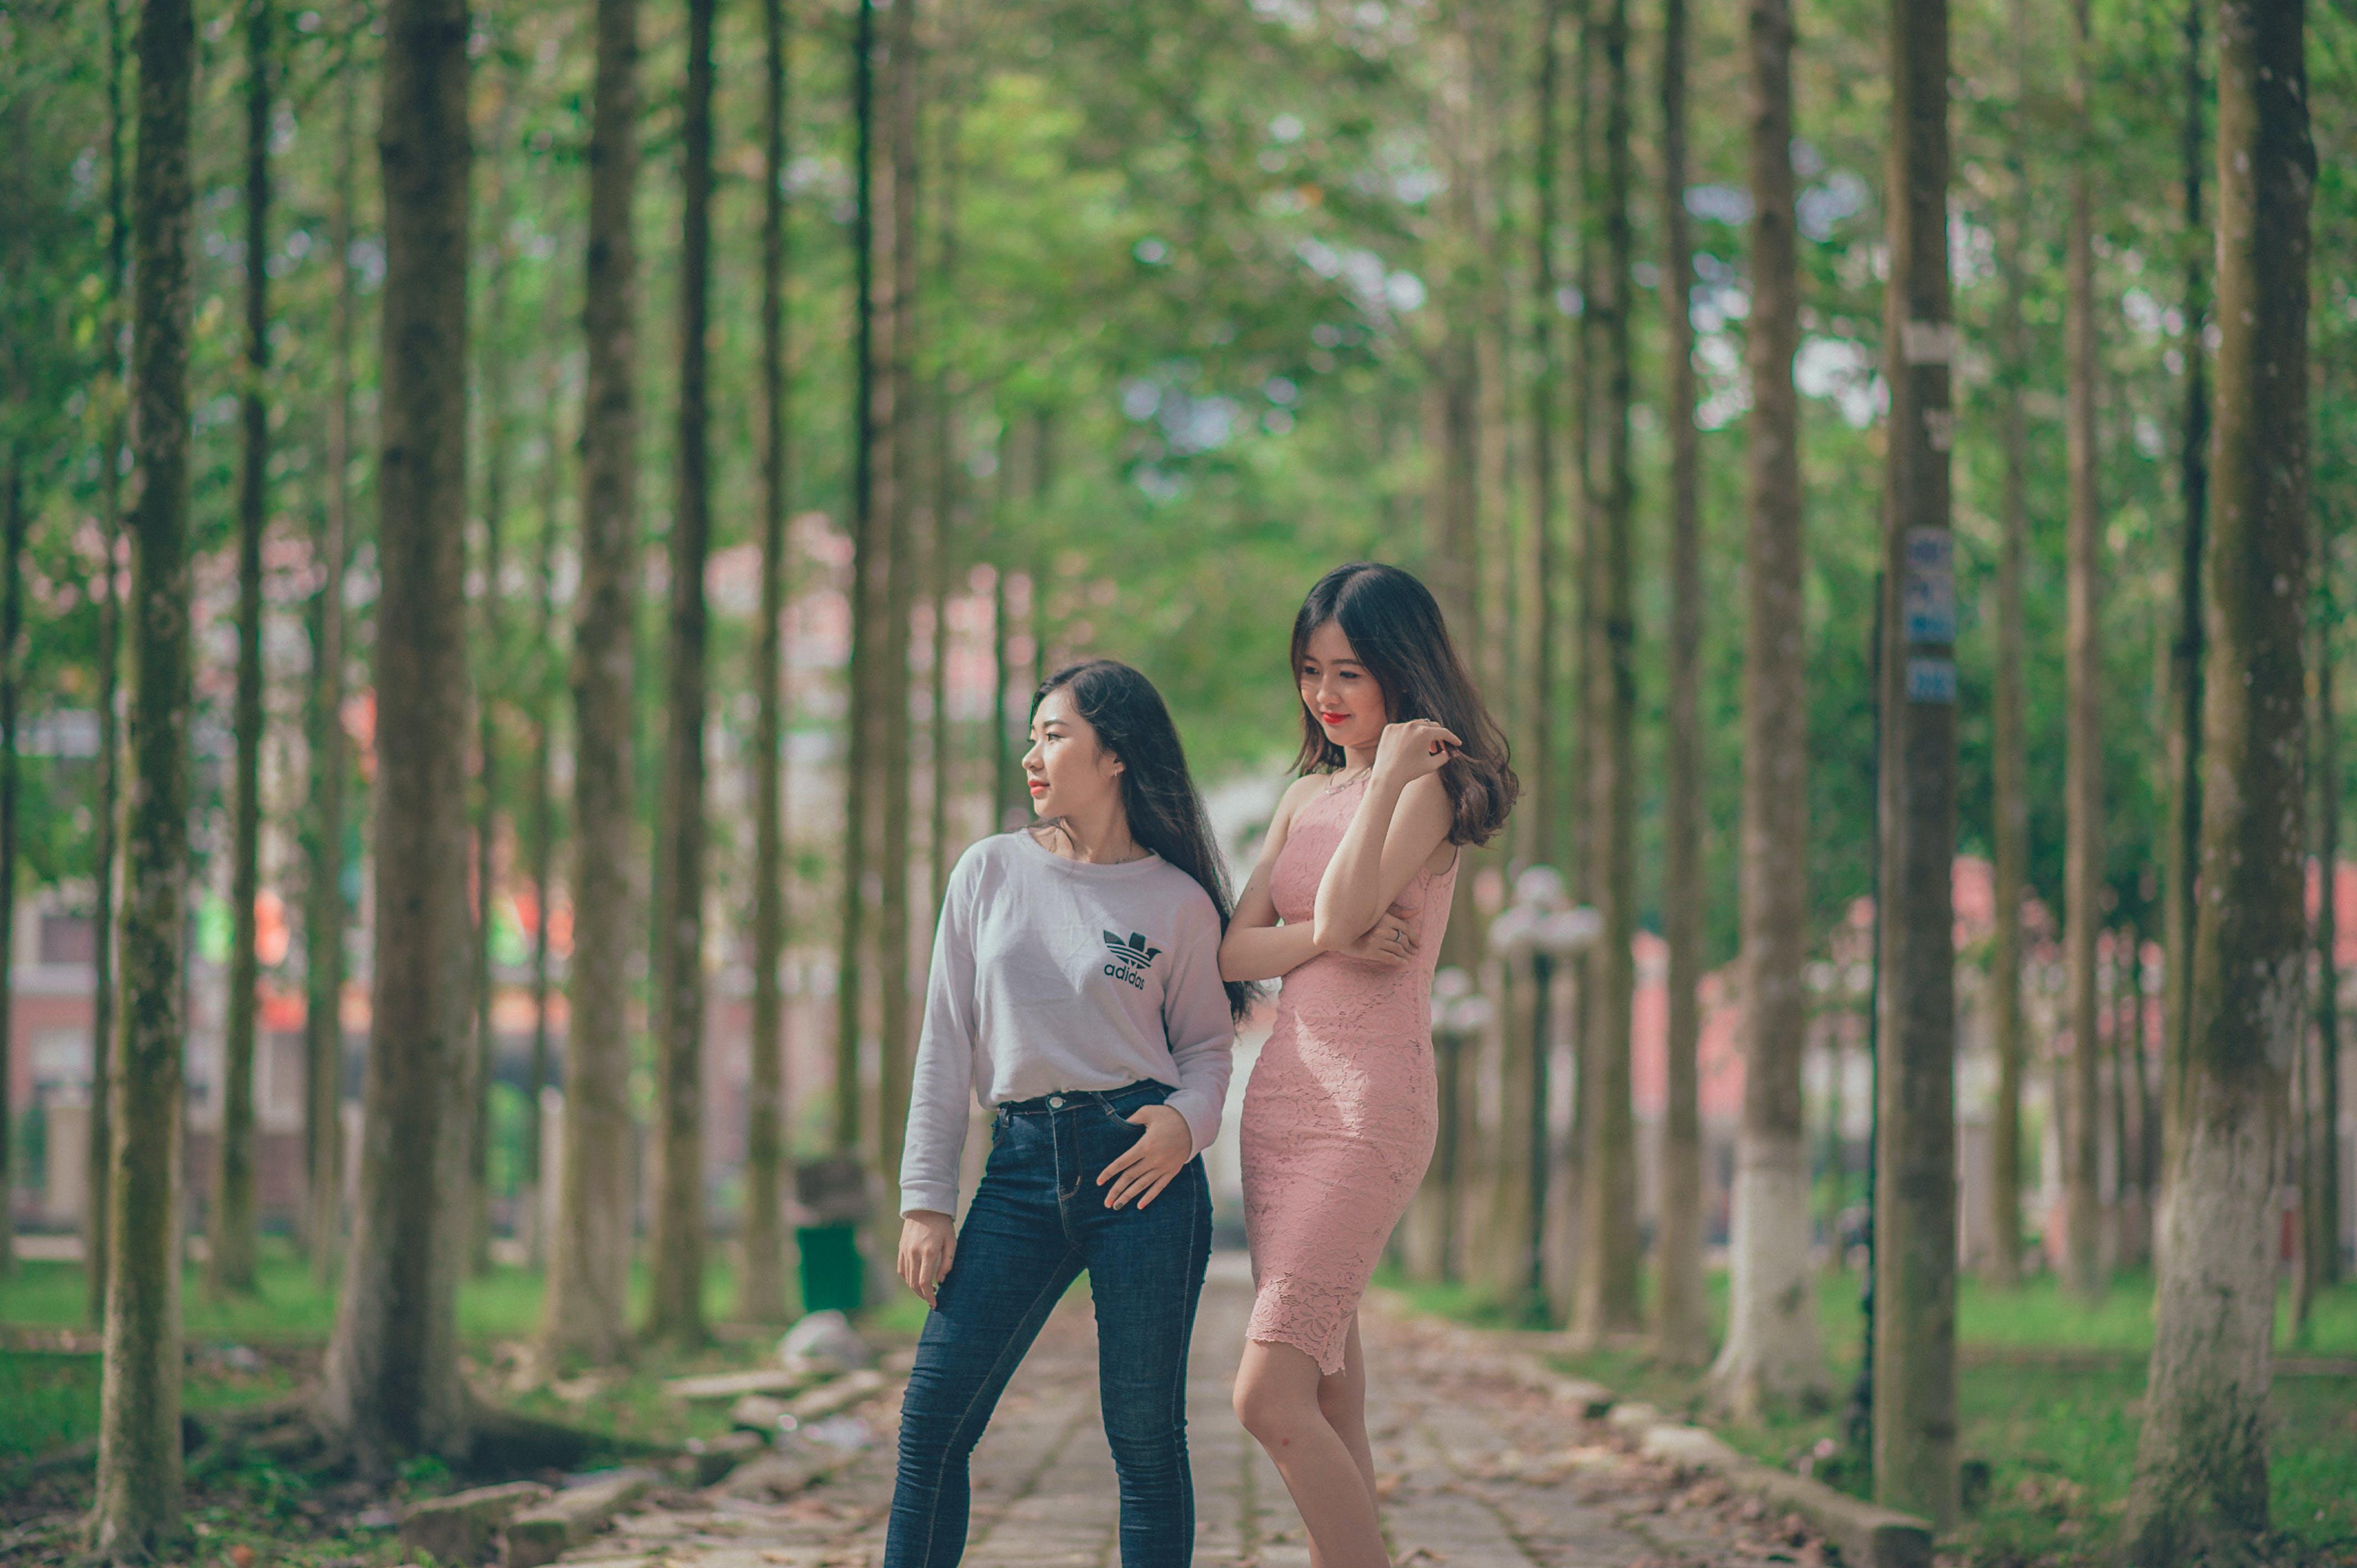 Kostenloses Stock Foto zu asiatisch, asiatische frauen, asiatische mädchen, asien: menschen